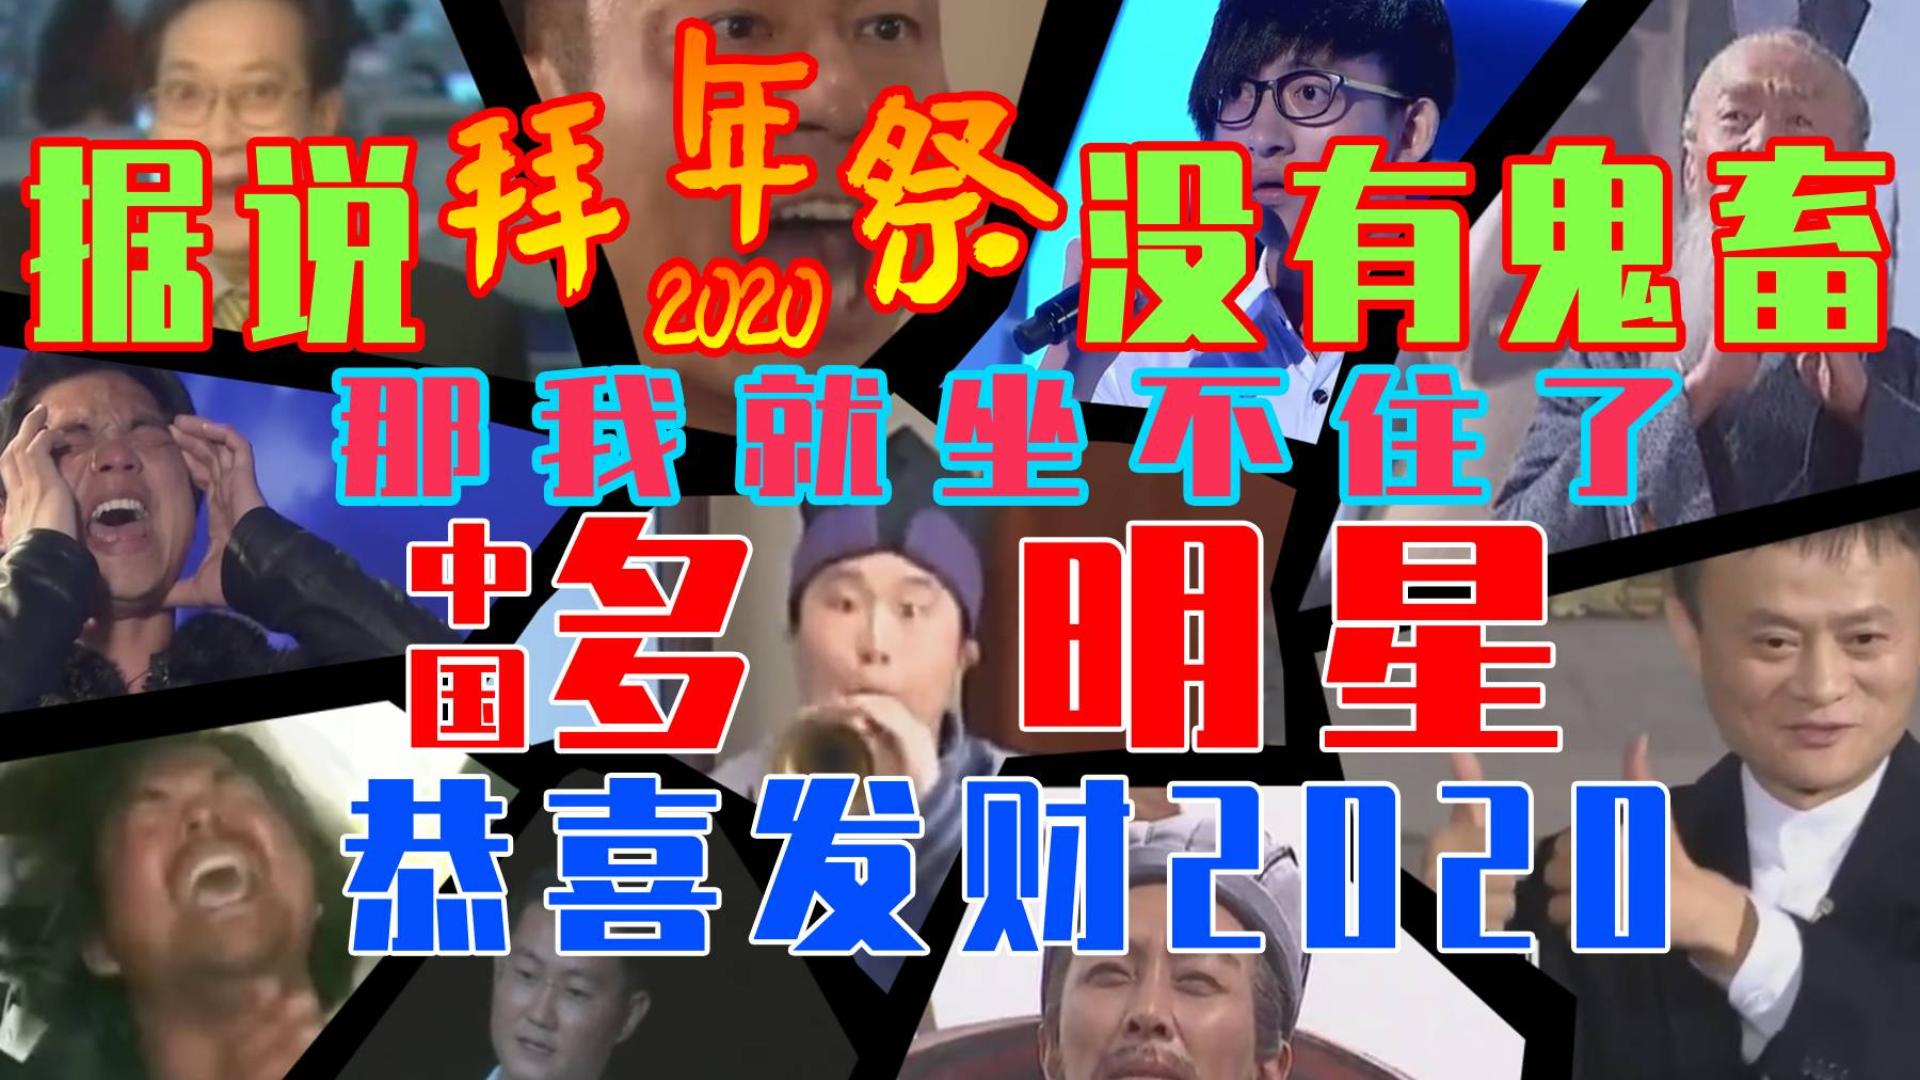 【中国鬼畜全明星的拜年】恭喜发财2020